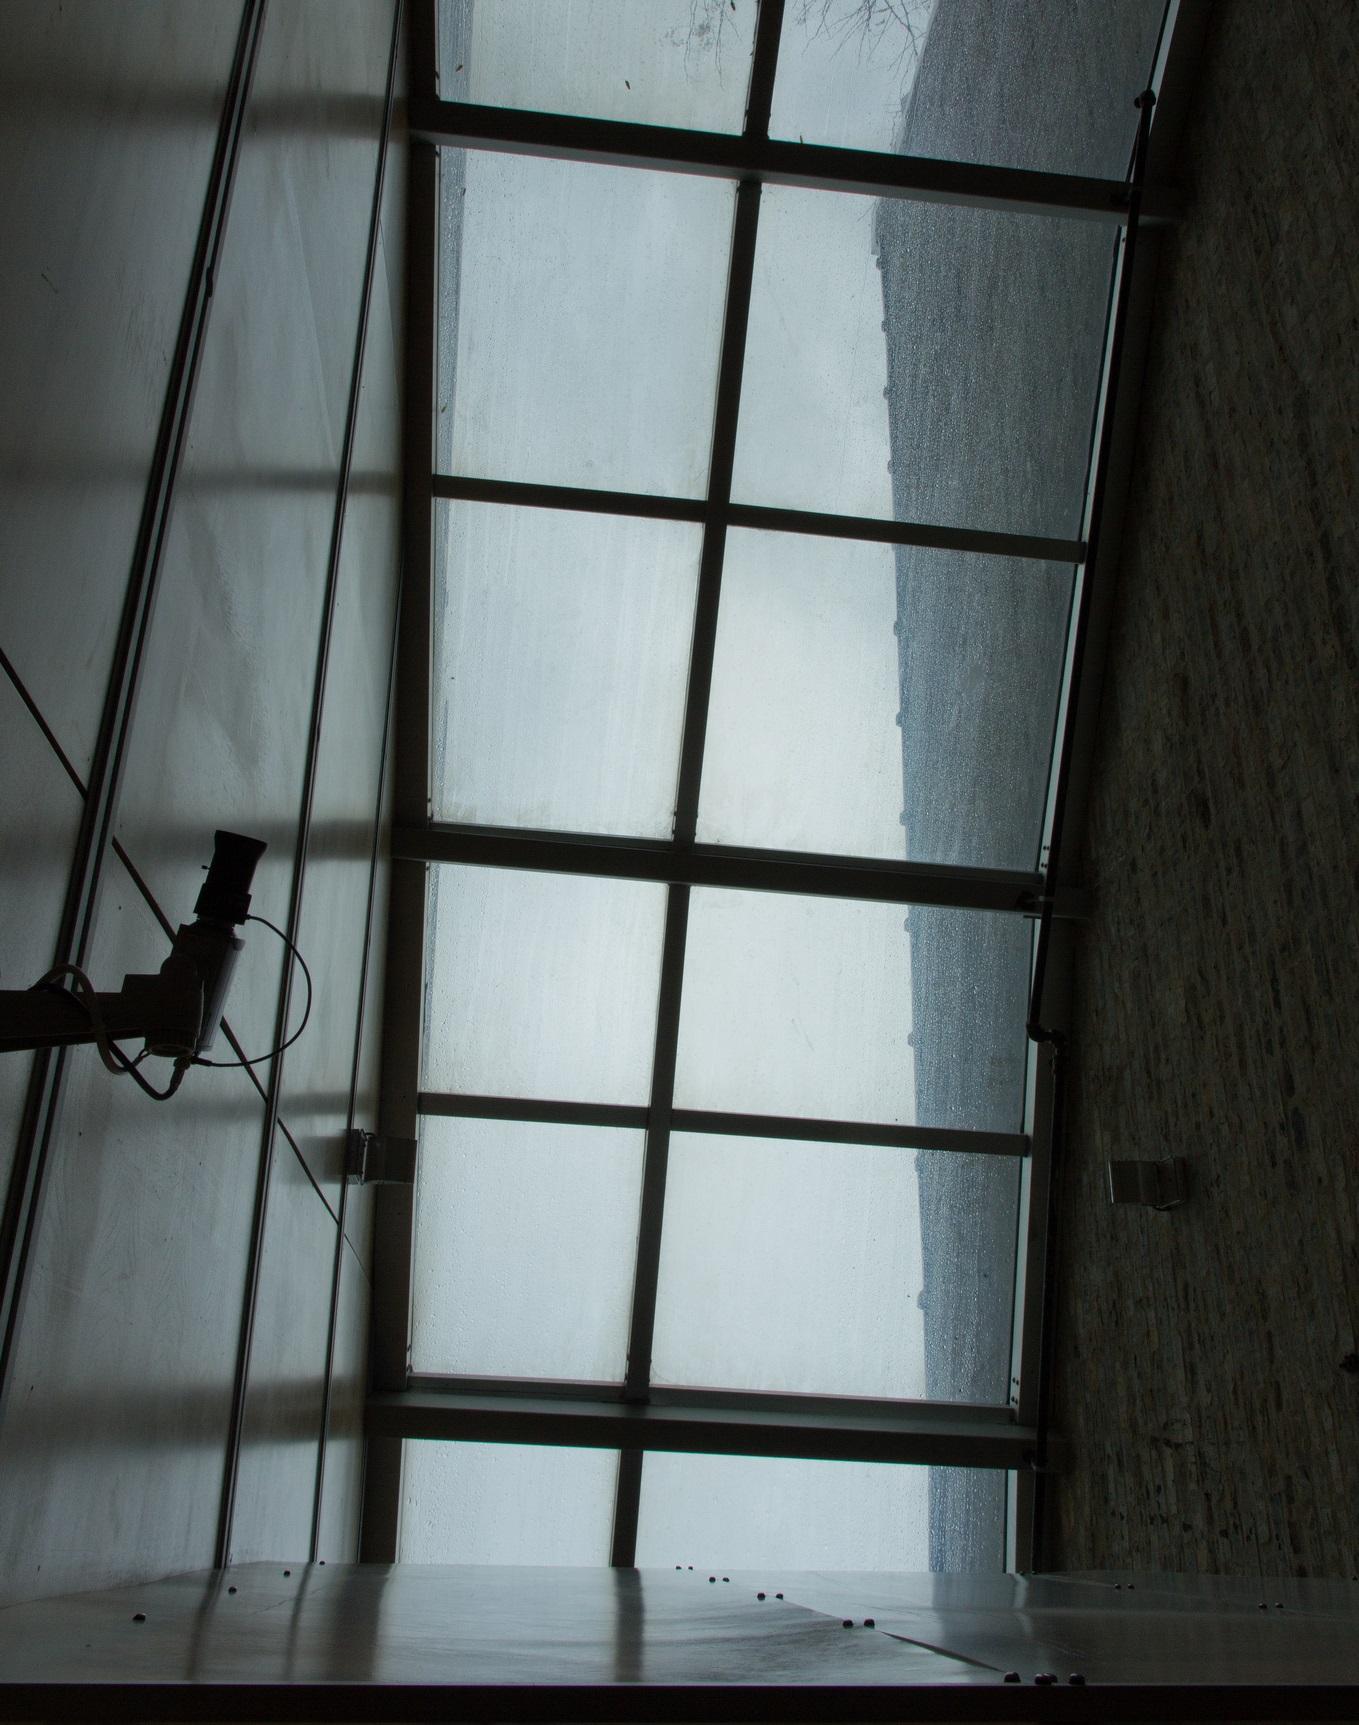 Bezpečnost plastových oken